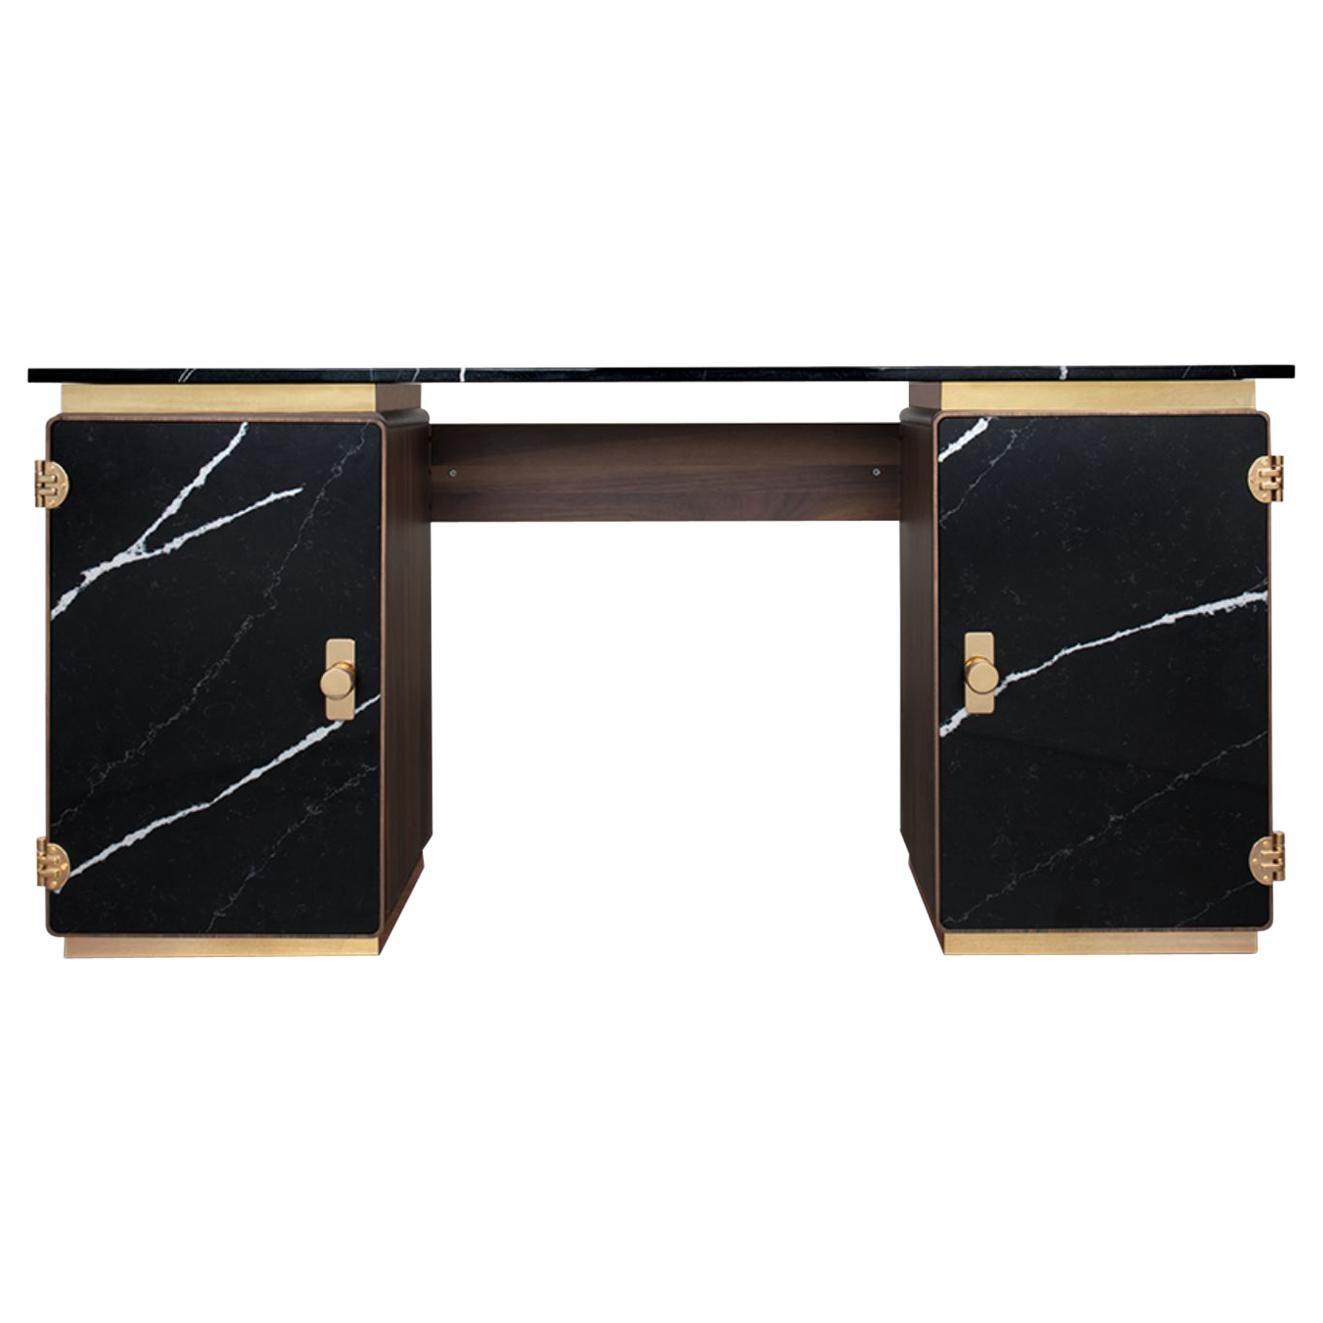 Lasdun Desk in Wood and Nero Marquina Marble